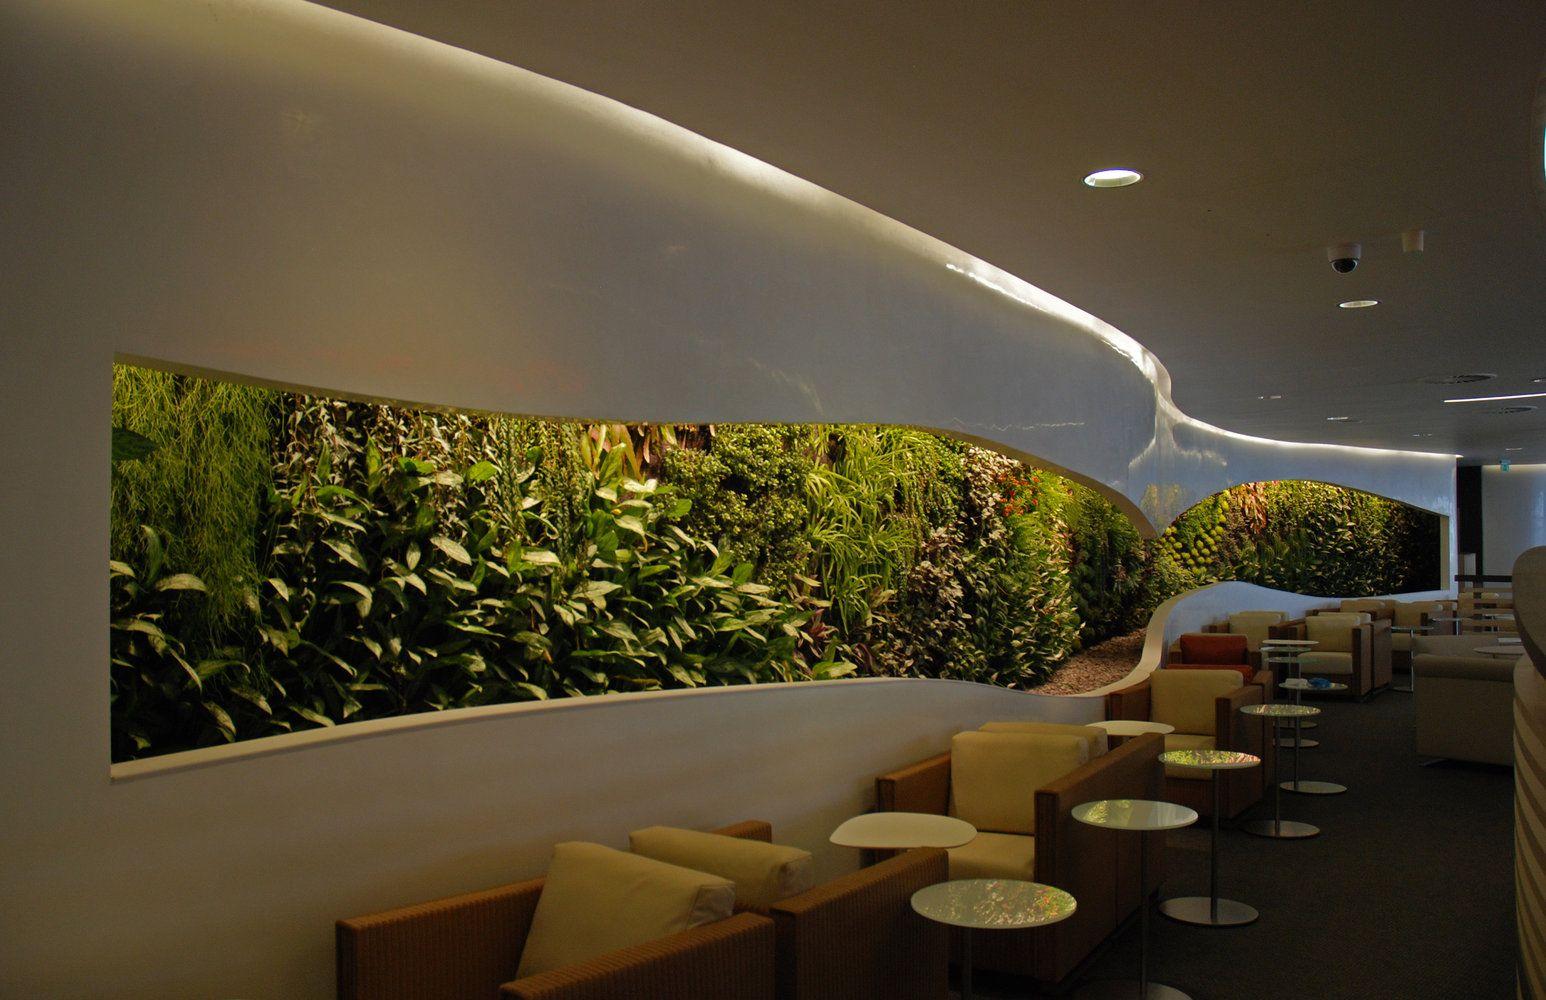 Bureau led colors blanc sky team lounge heathrow vertical garden